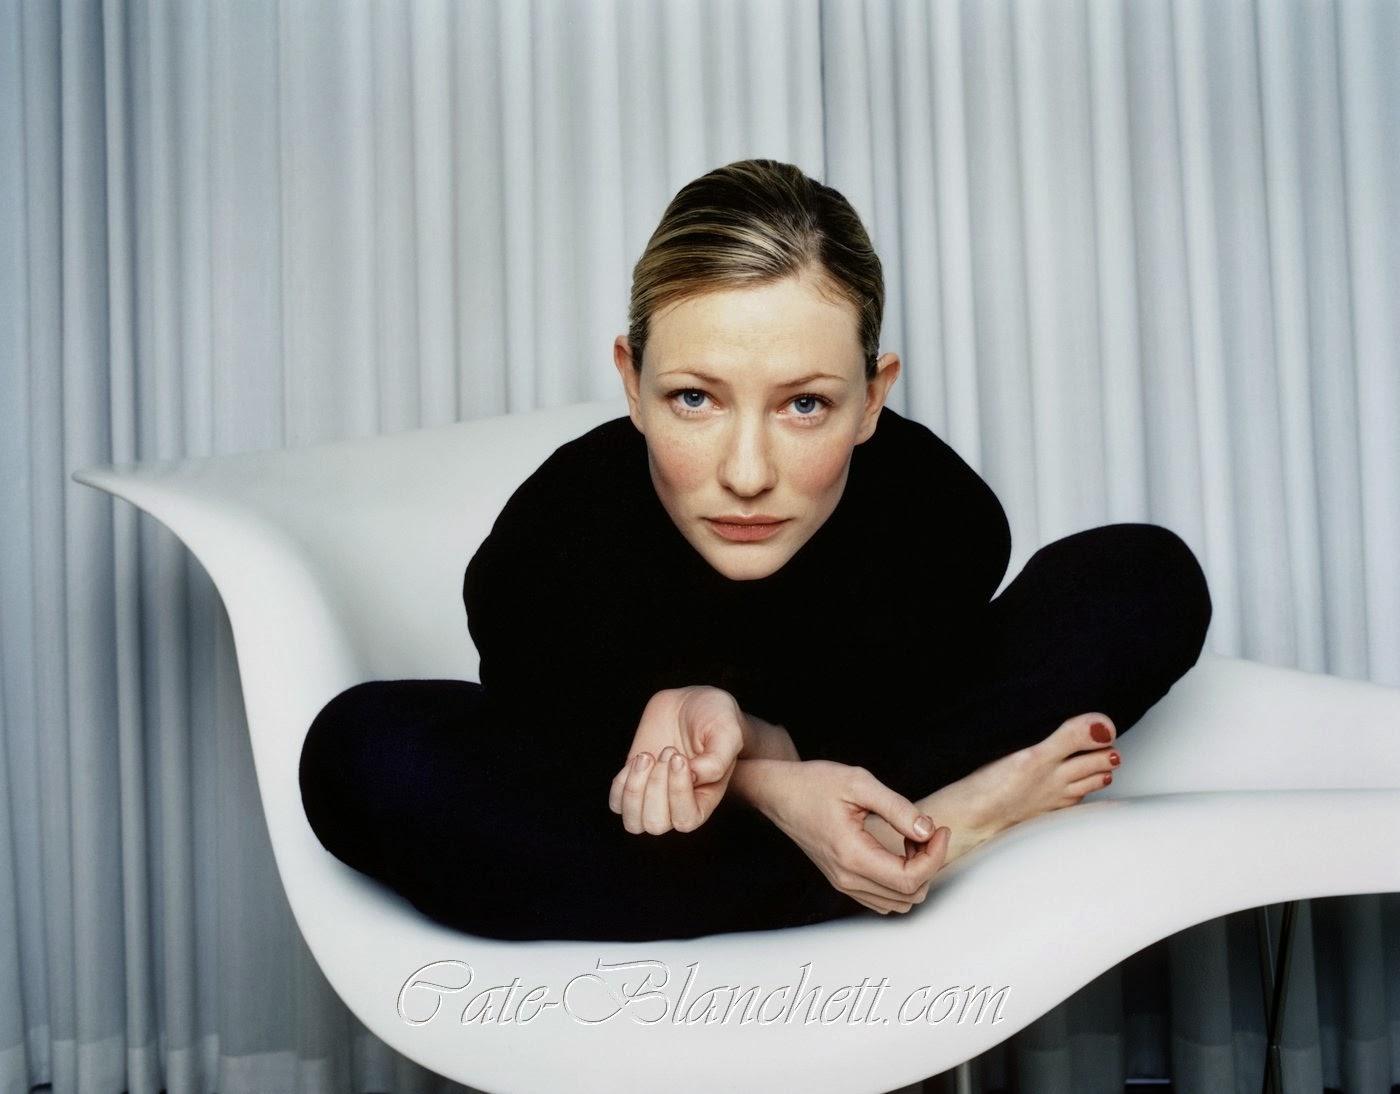 Feet Cate Blanchett nudes (28 foto and video), Ass, Fappening, Twitter, butt 2015